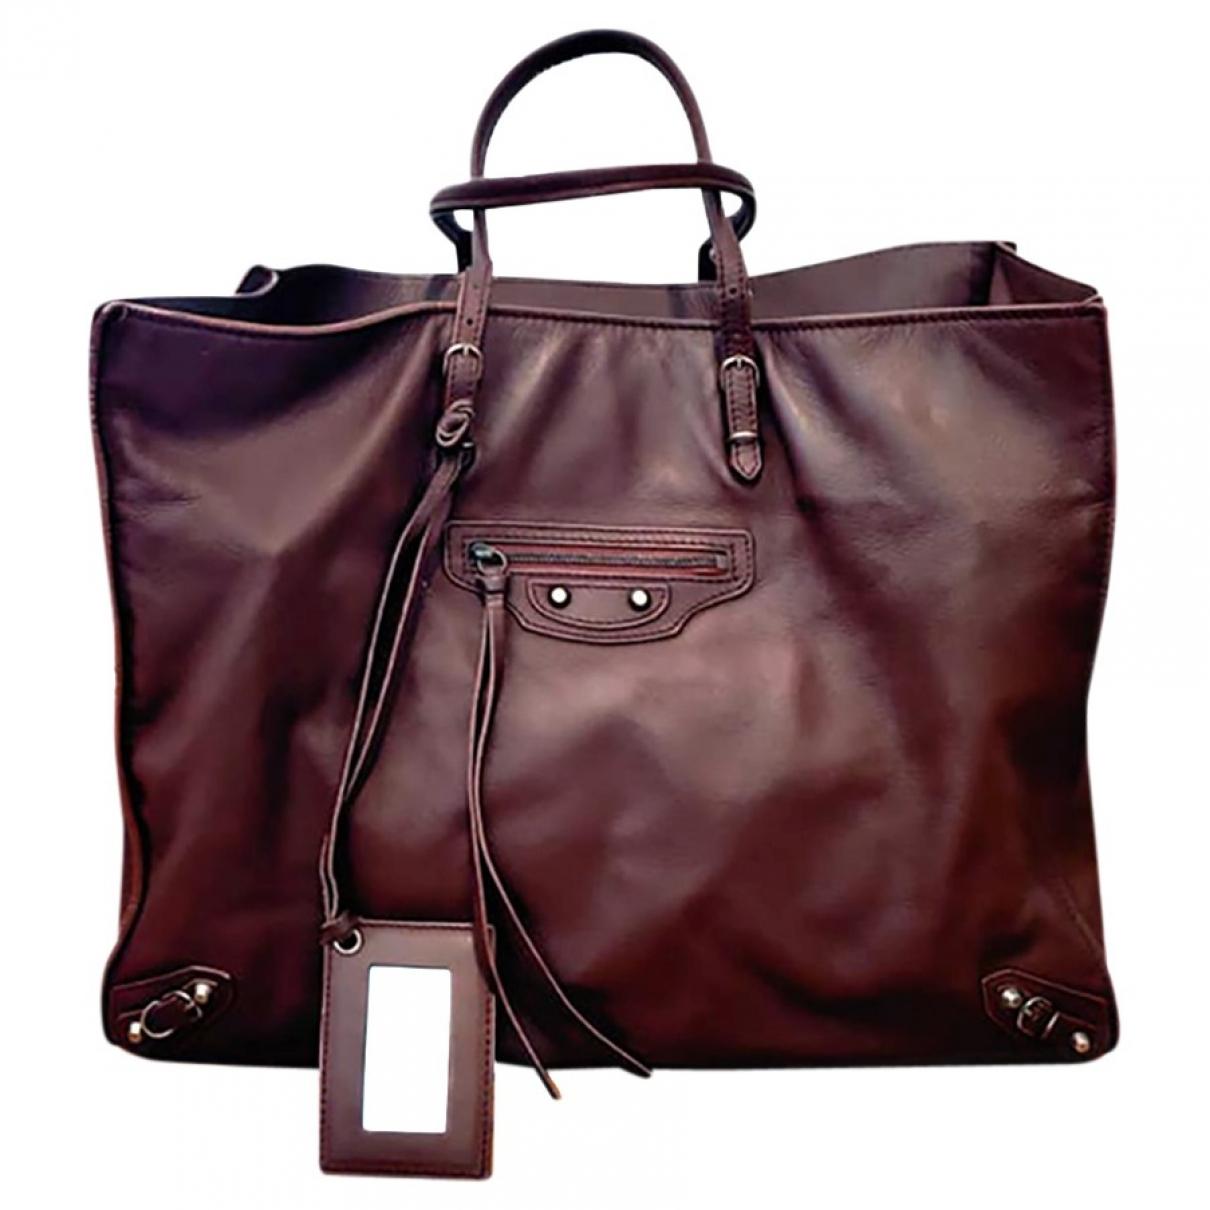 Balenciaga - Sac a main Papier pour femme en cuir - marron